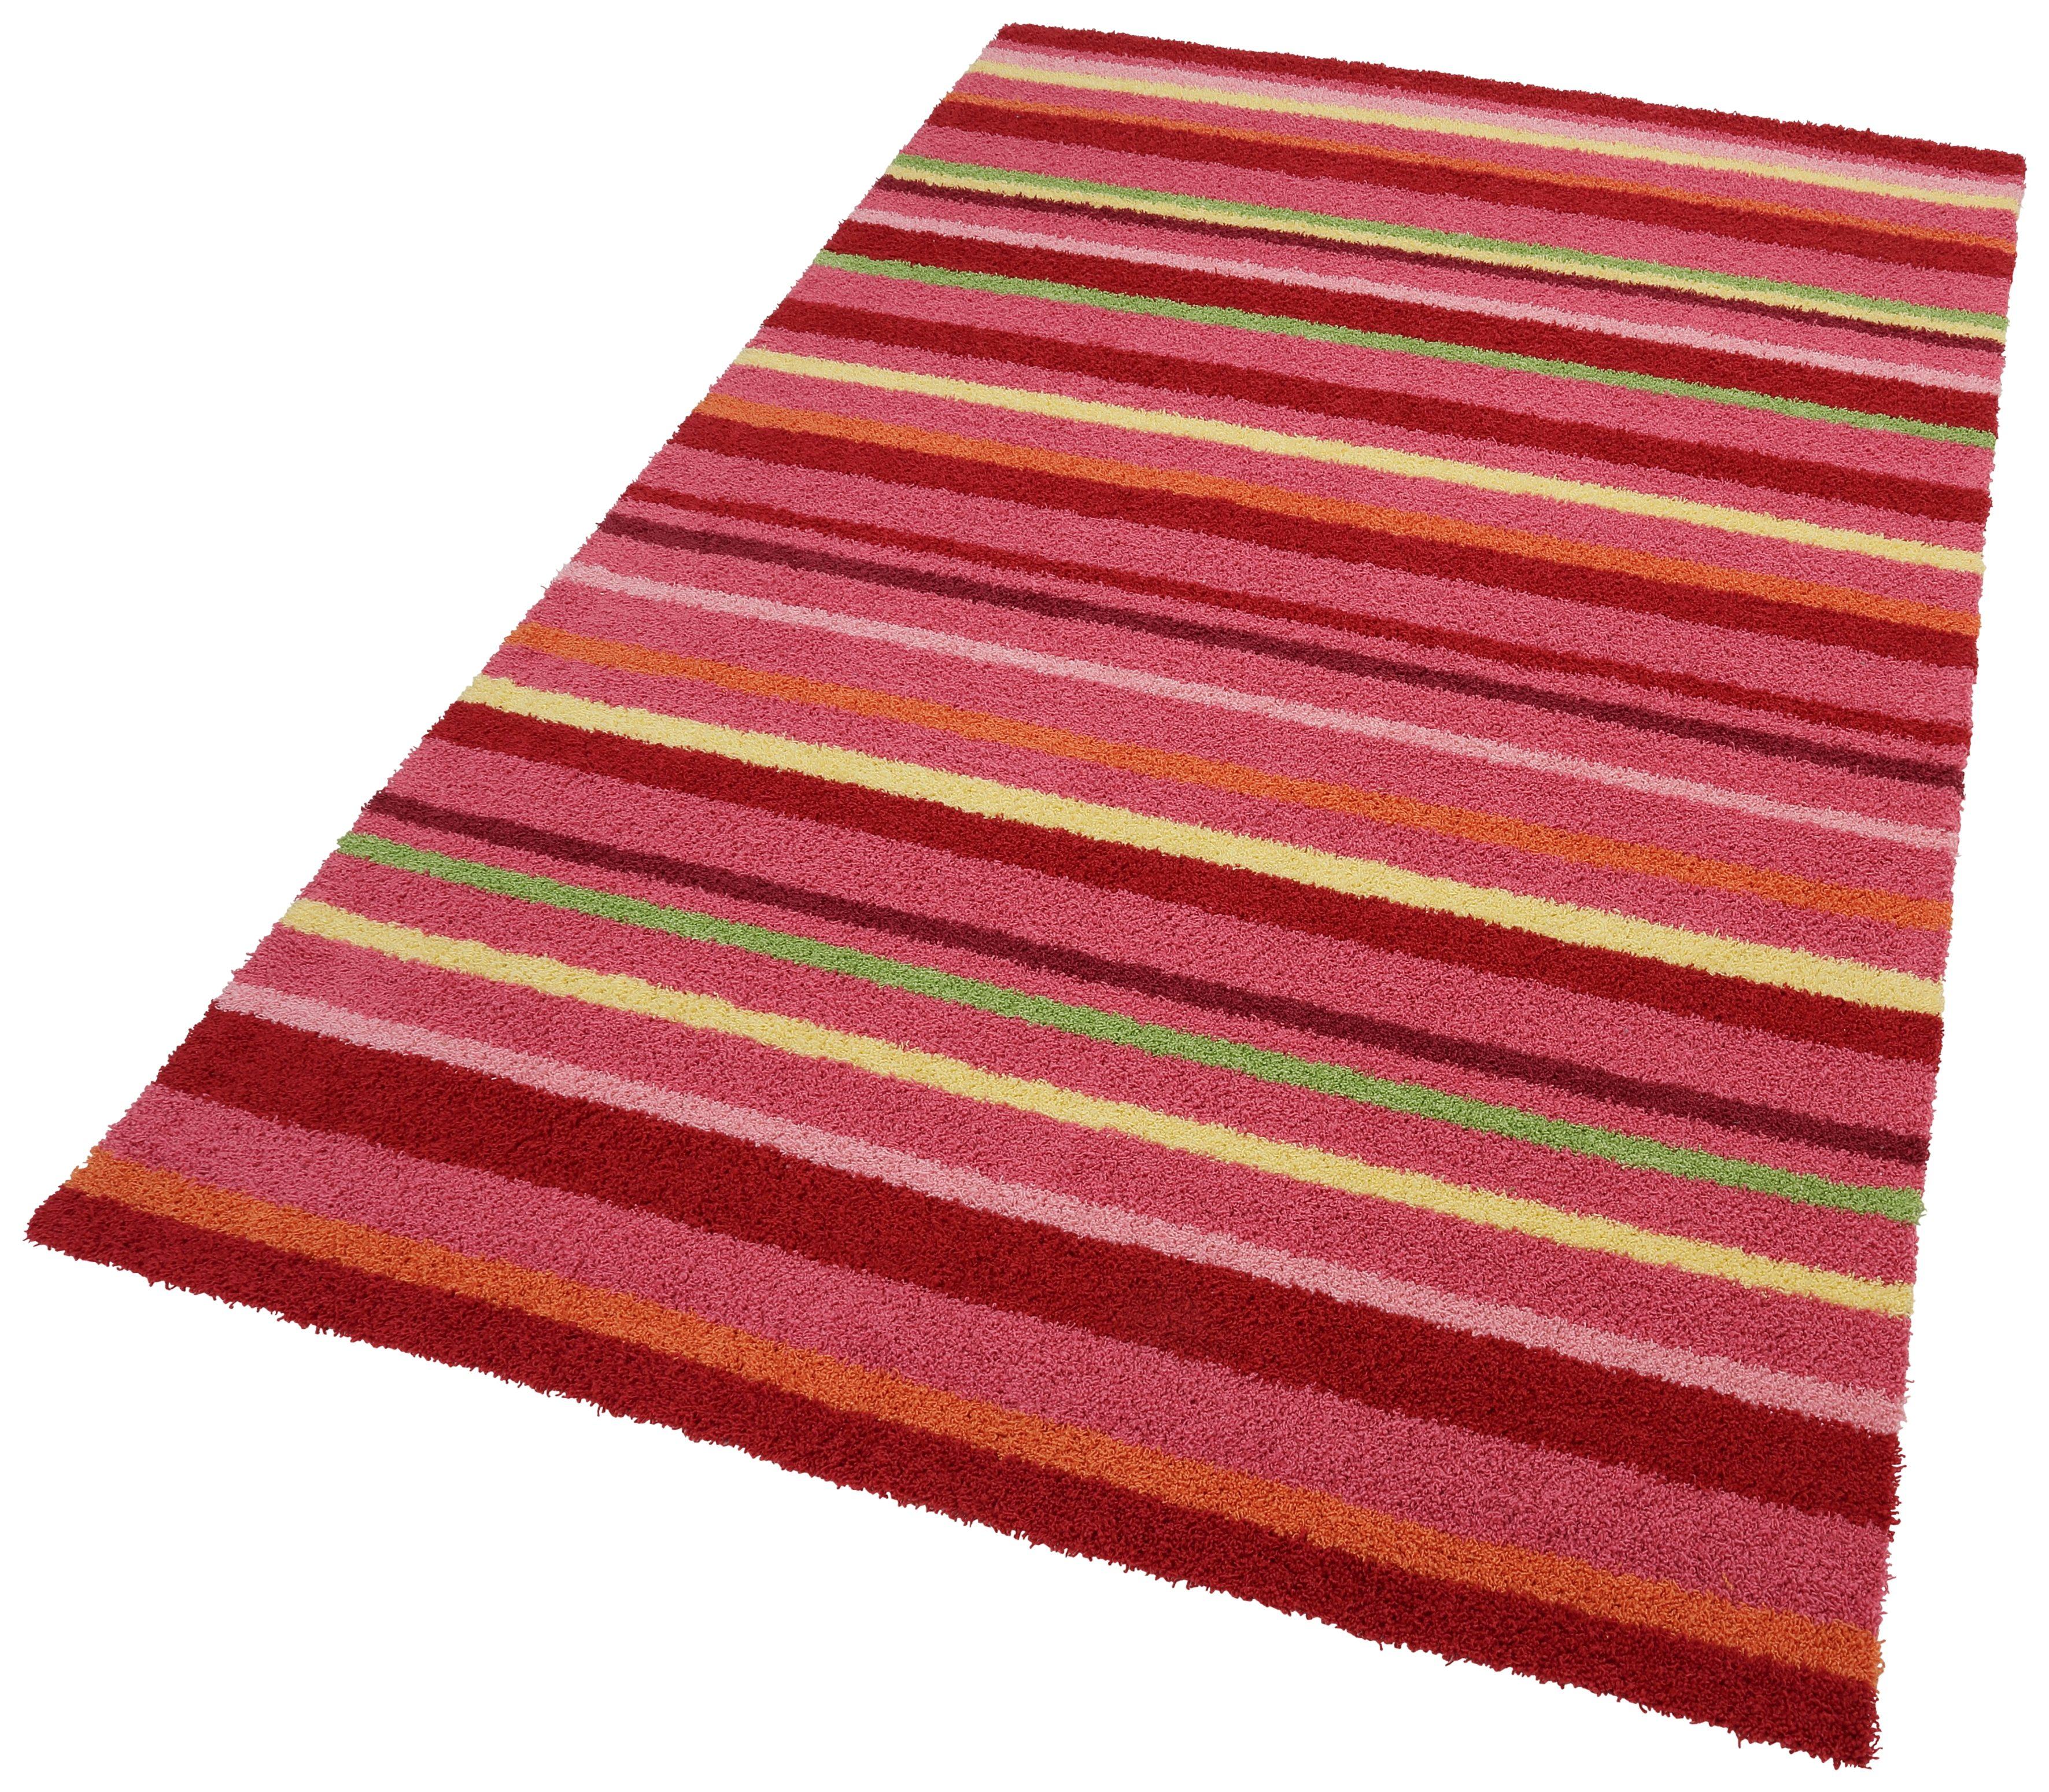 Kinderteppich Bunte Streifen Esprit rechteckig Höhe 15 mm handgetuftet